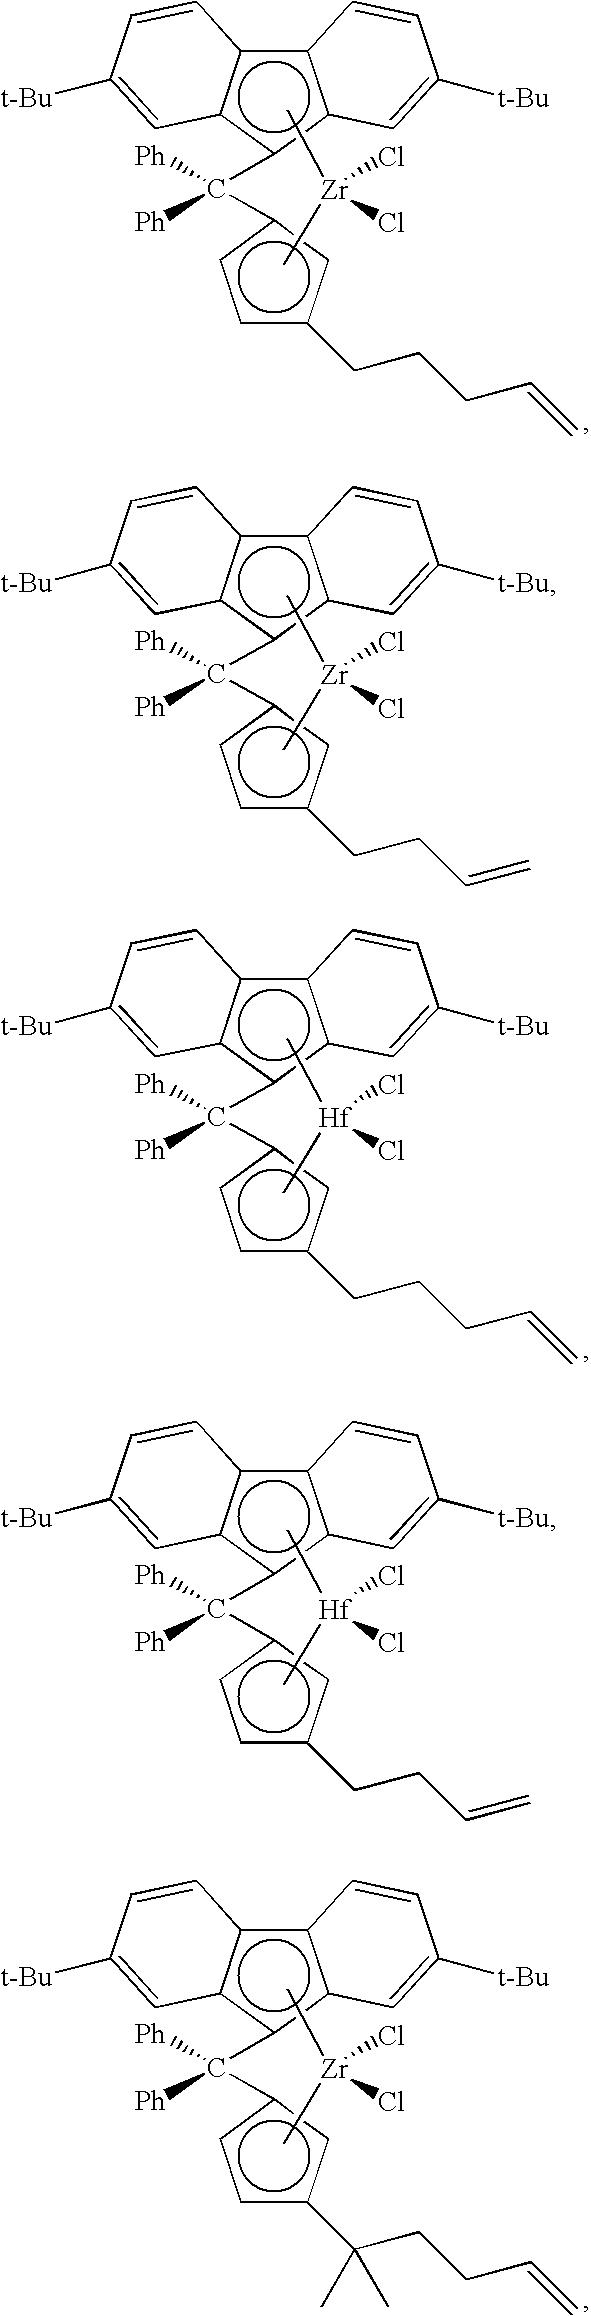 Figure US07517939-20090414-C00016